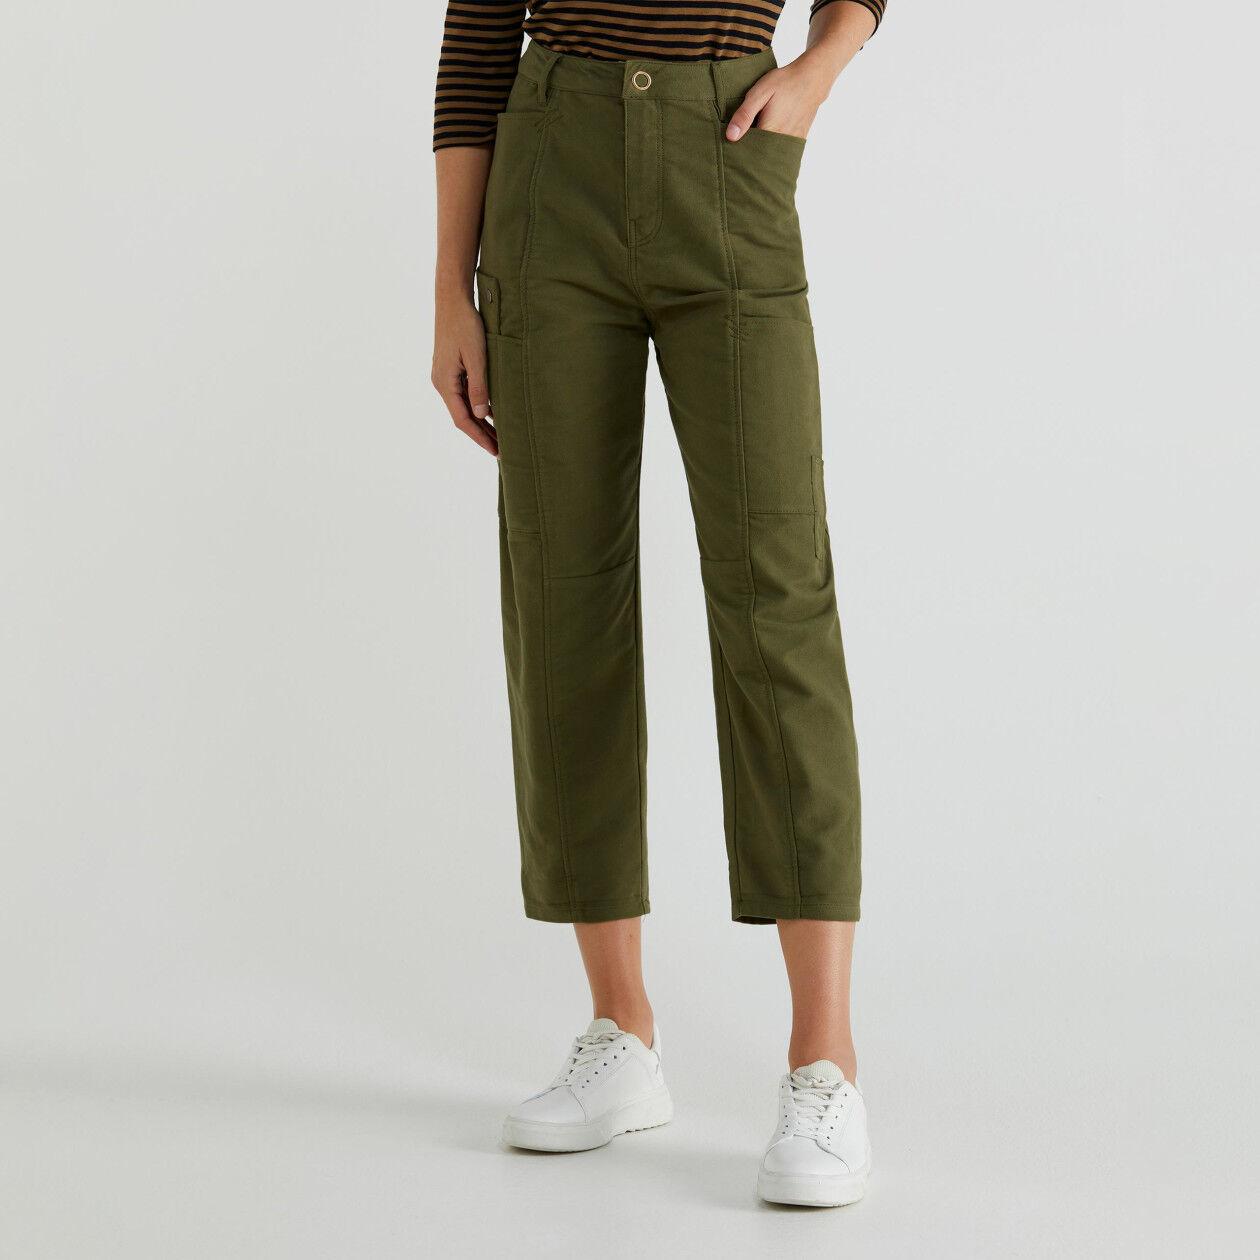 Moleskin trousers